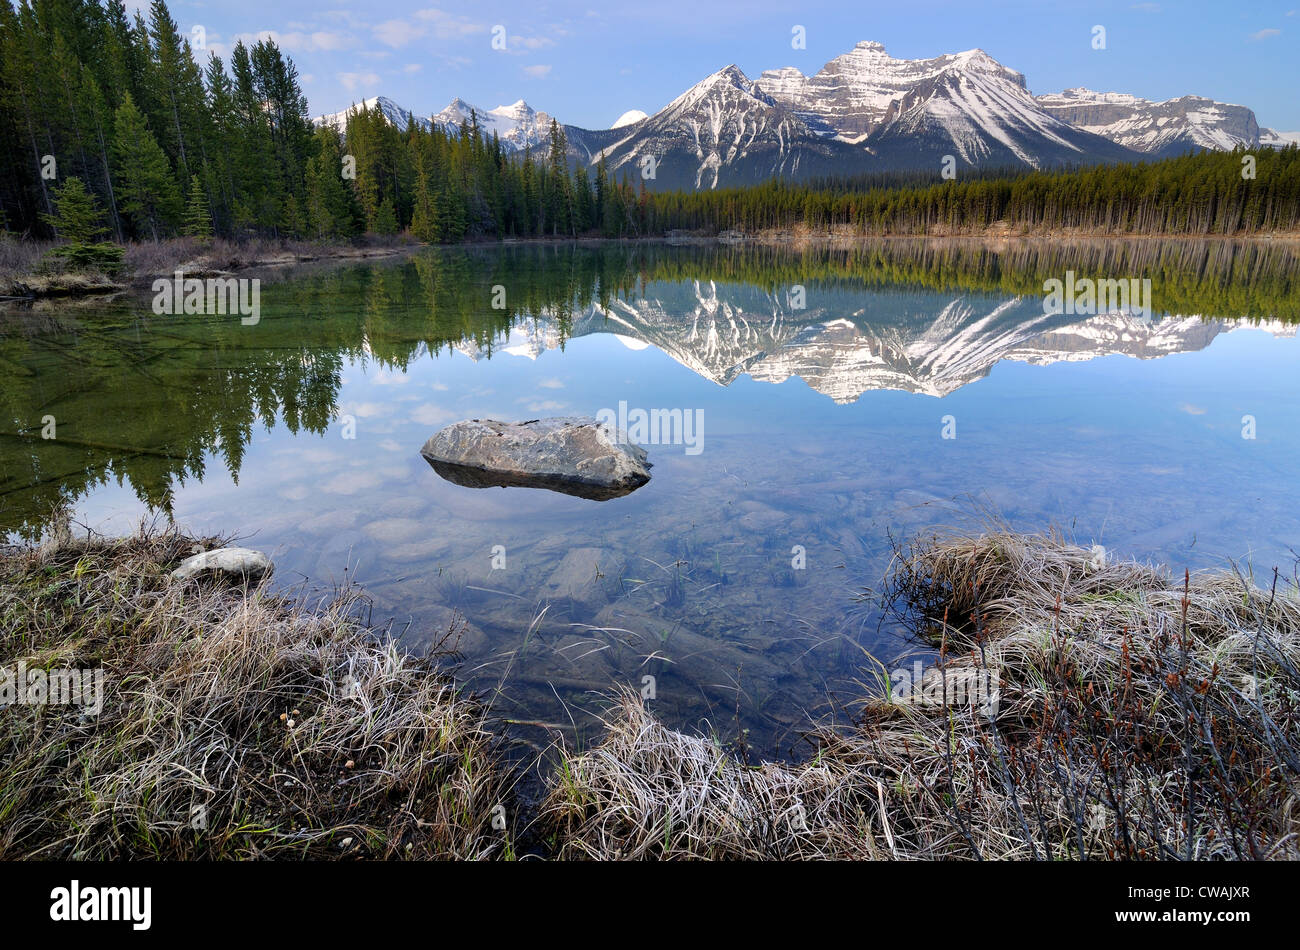 Herbert See und Bogen Reichweite, Banff Nationalpark, Alberta, Kanada Stockbild